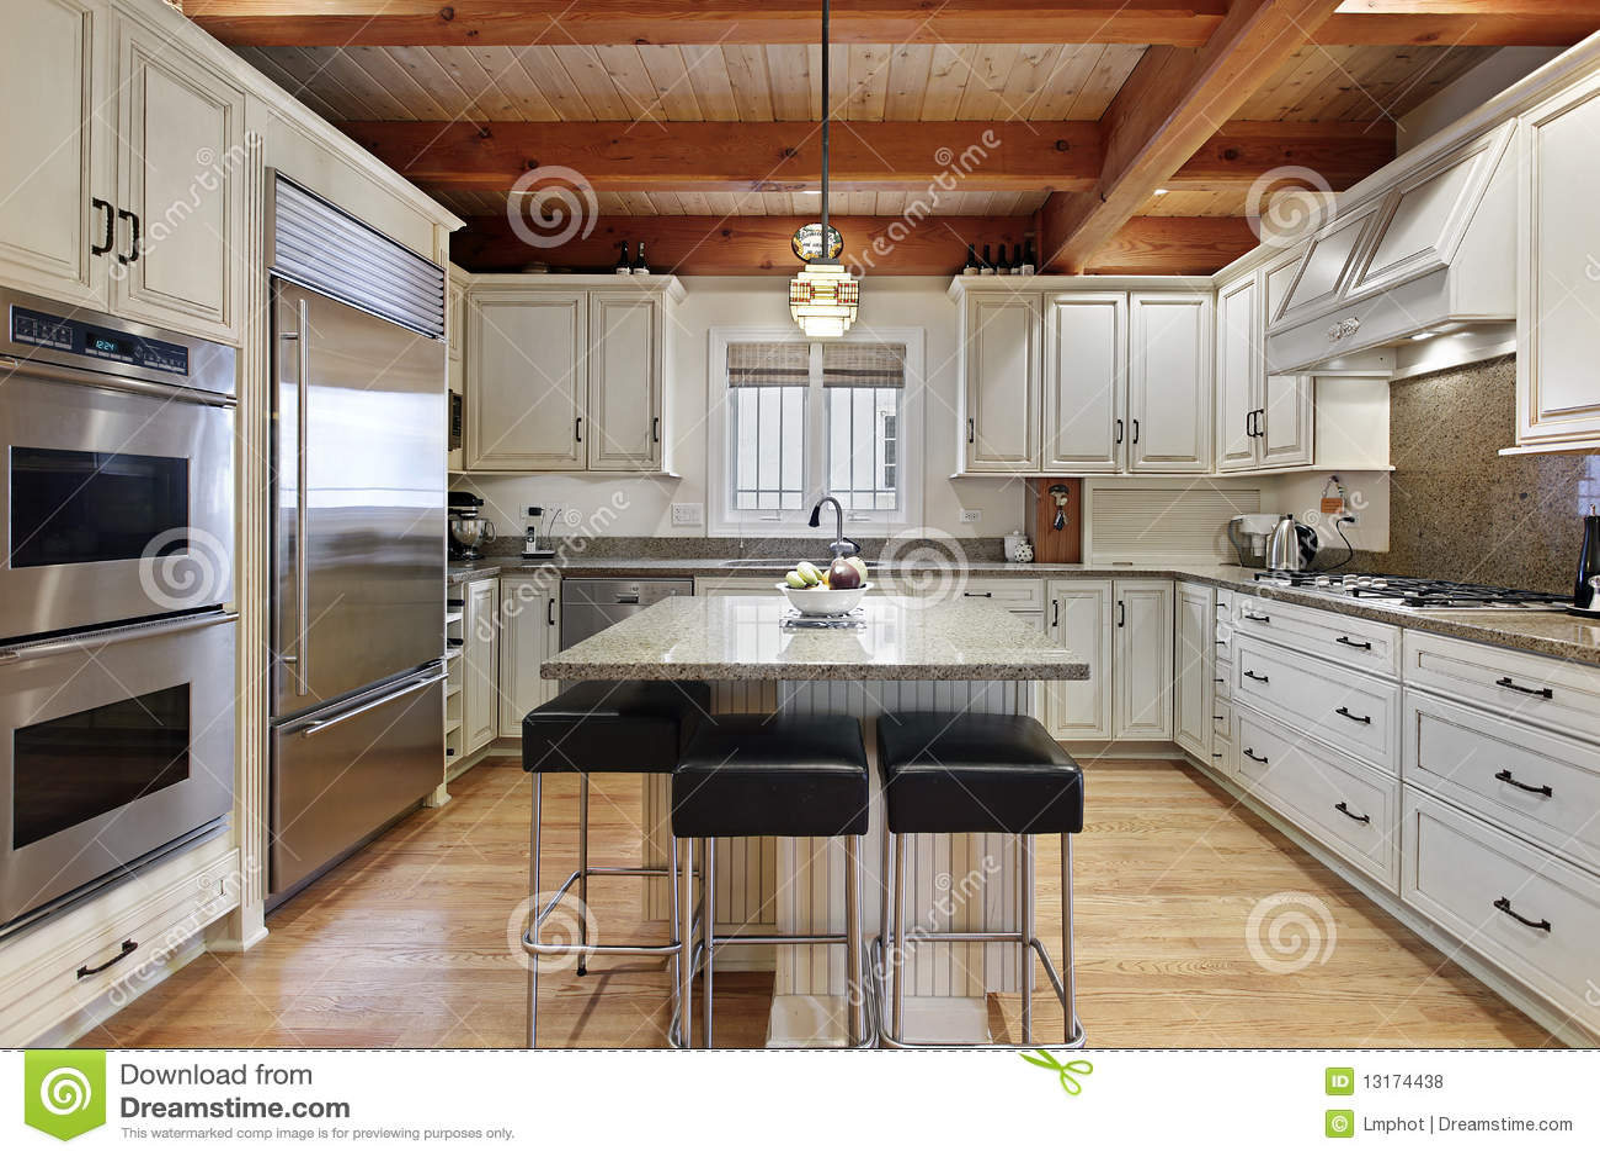 Küche mit Mittelinsel stockfoto. Bild von abendessen - 13174438